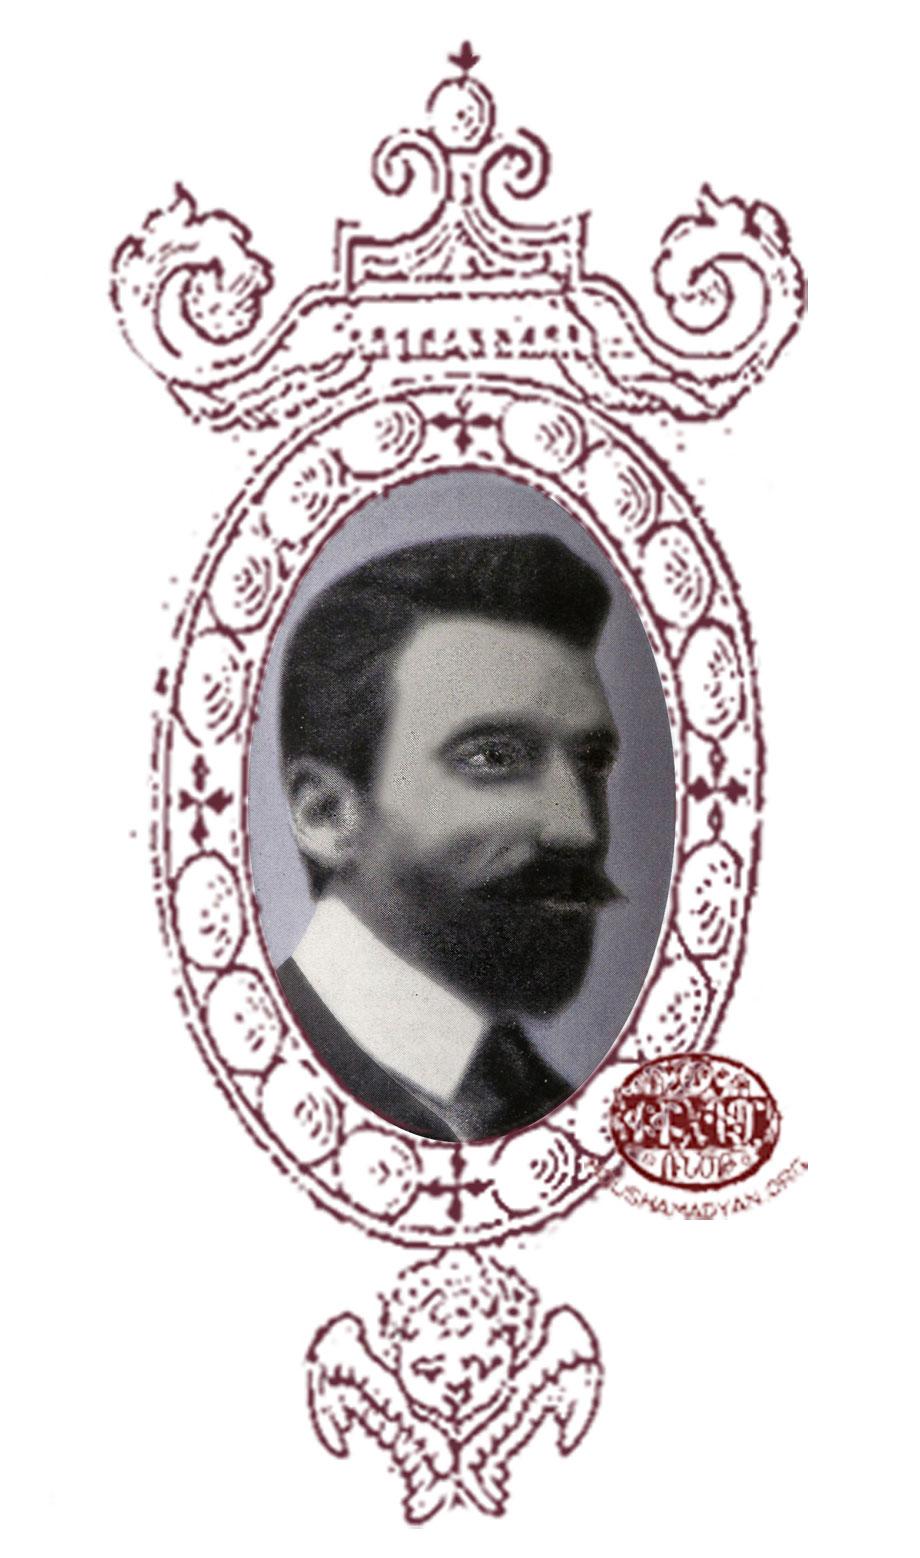 Տօնապետ Լիւլէճեան